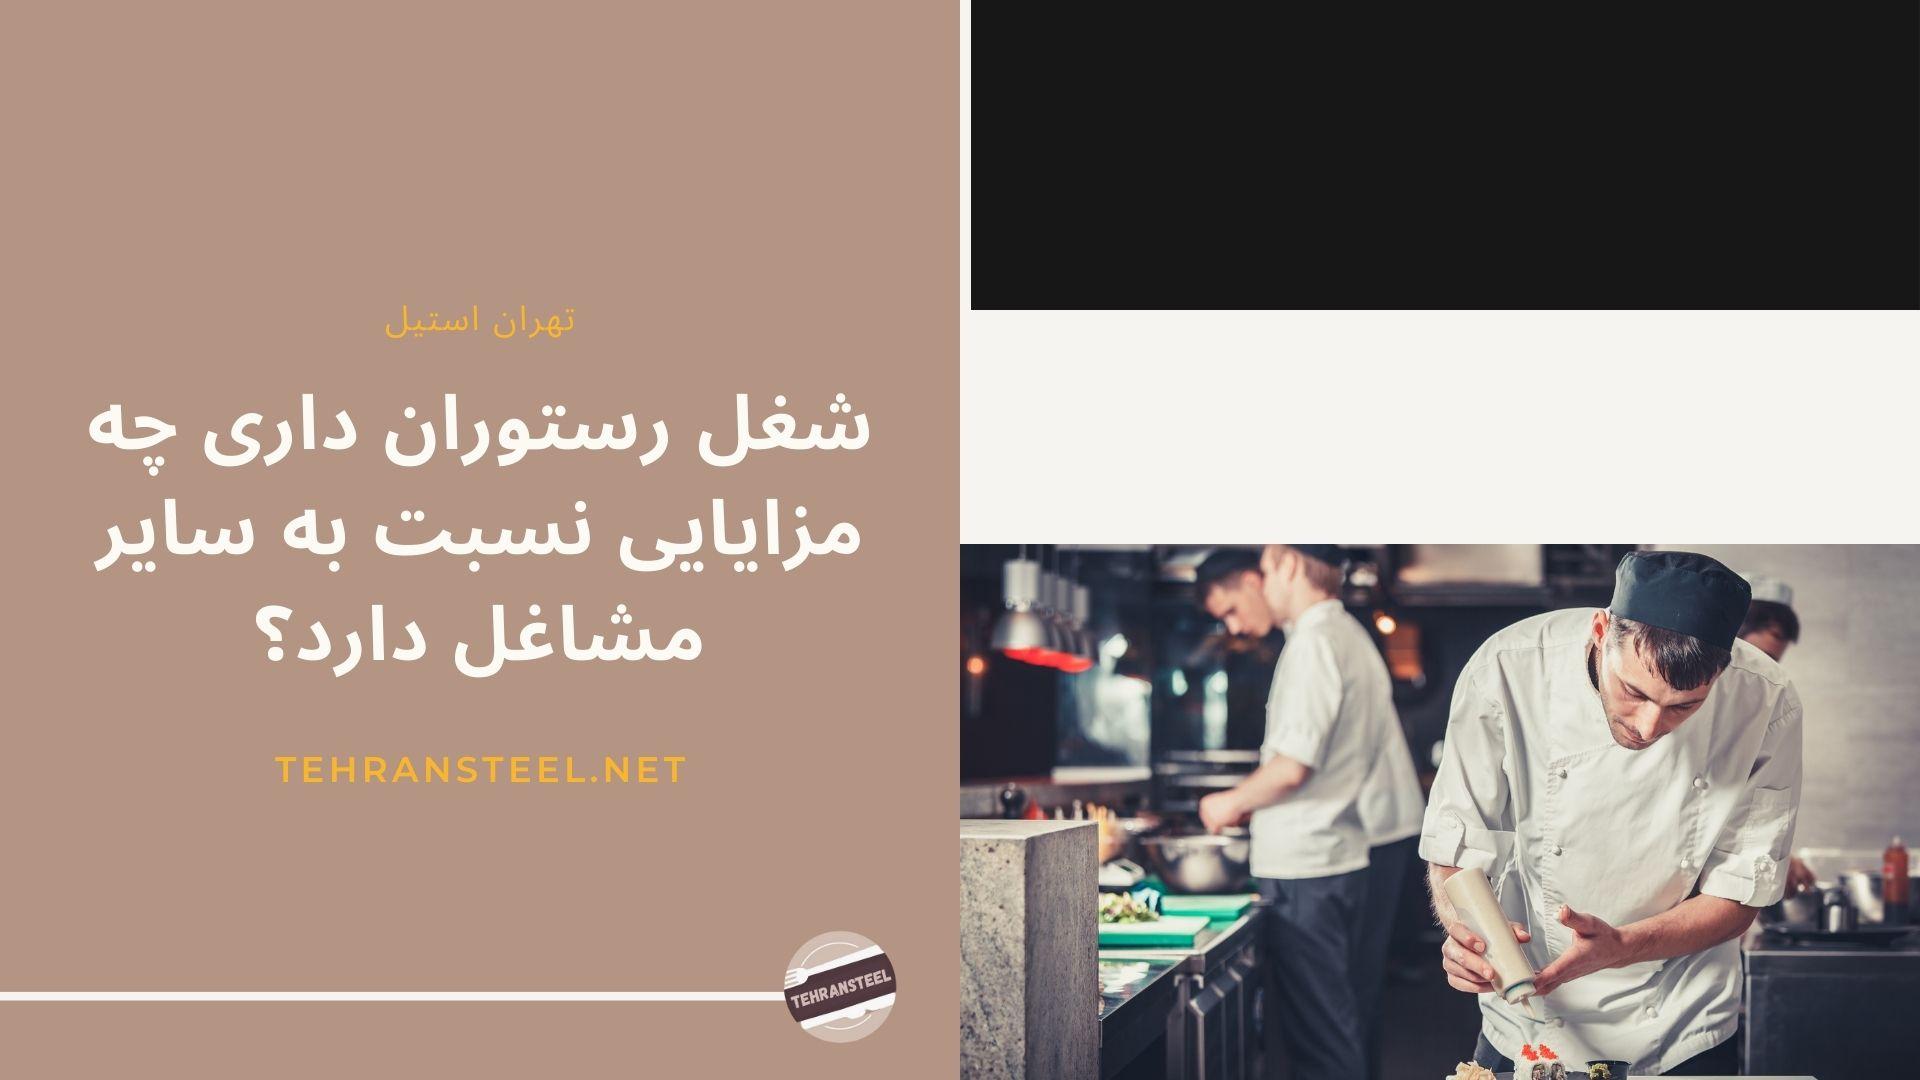 شغل رستوران داری چه مزایایی نسبت به سایر مشاغل دارد؟